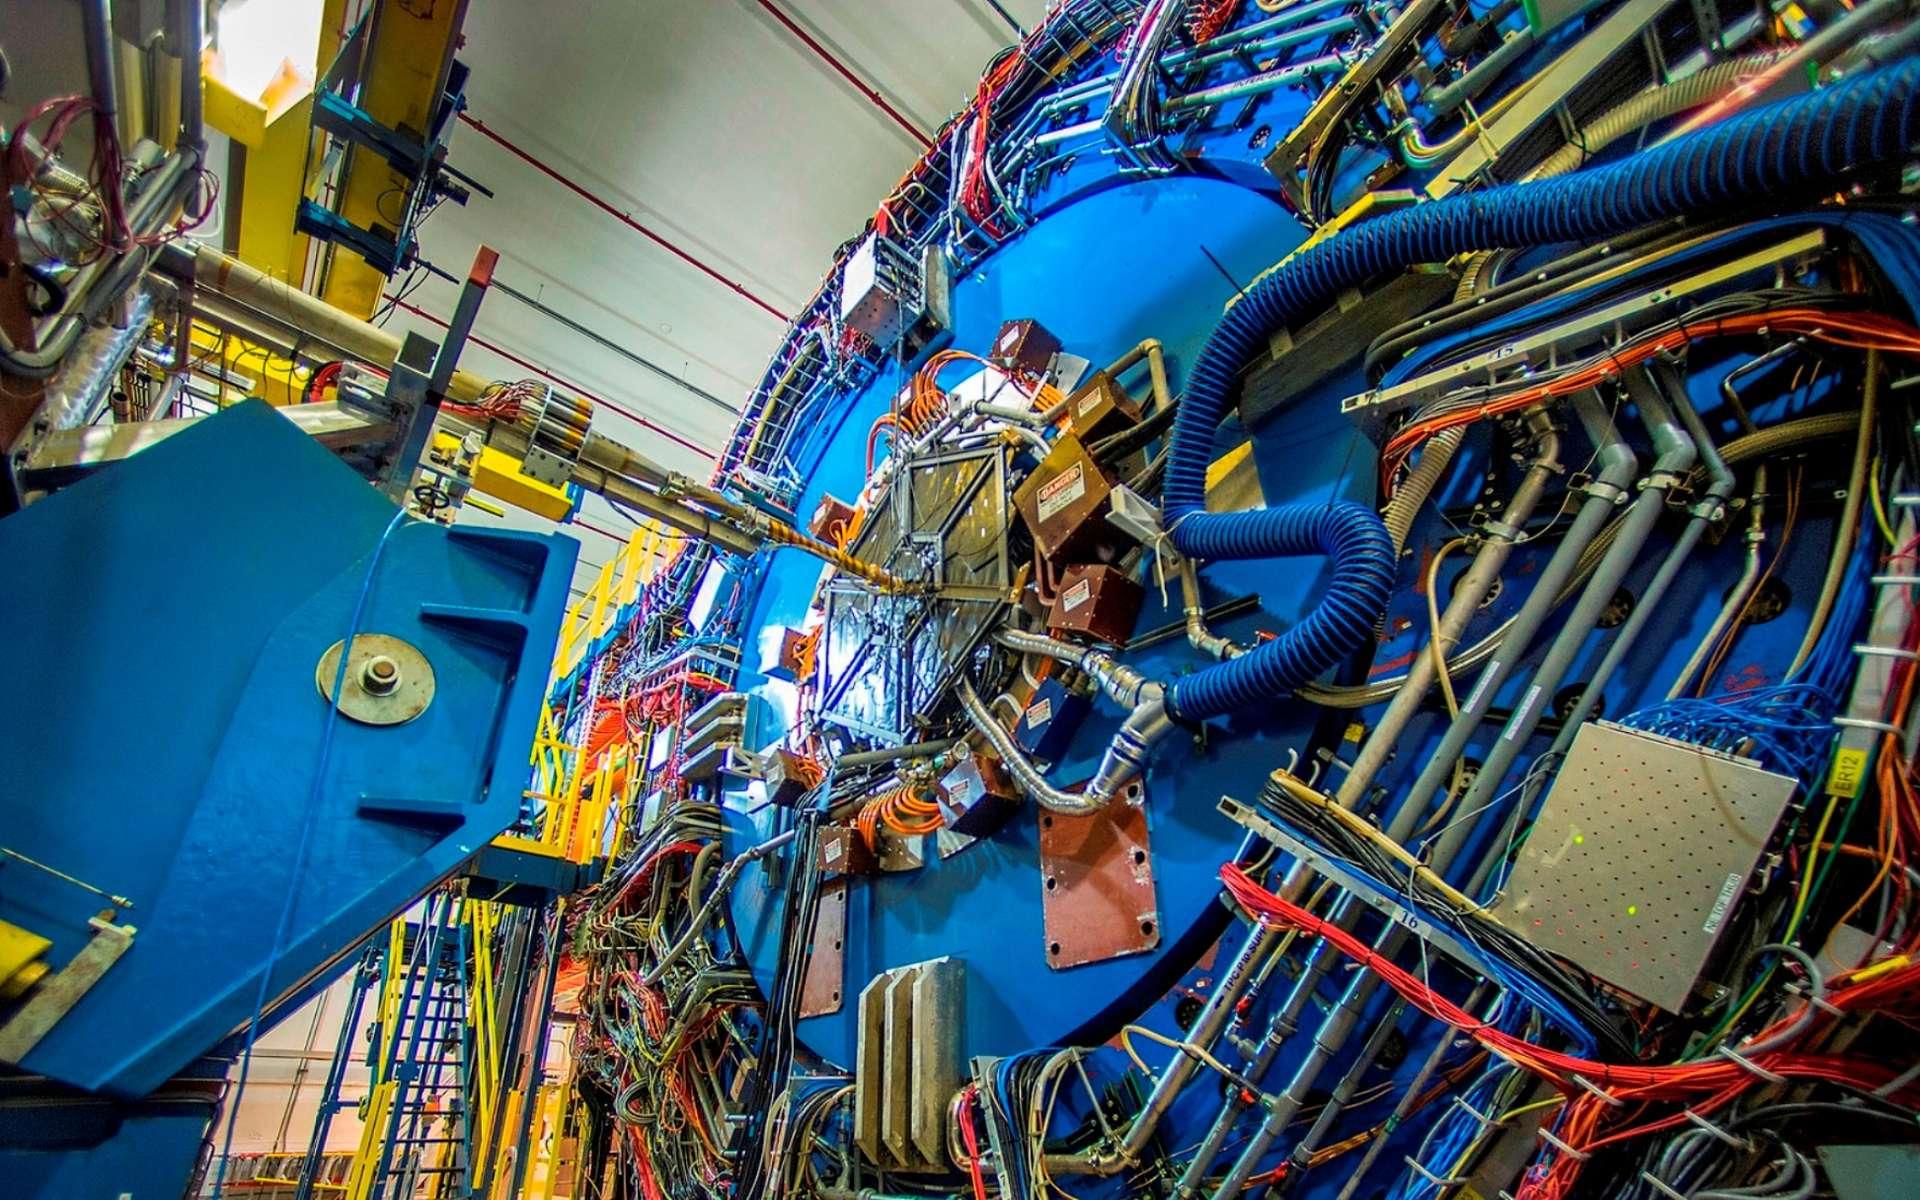 Une vue du détecteur Star équipant le RHIC (Relativistic Heavy Ion Collider) et dont la fonction est d'étudier le quagma. © Brookhaven National Laboratory